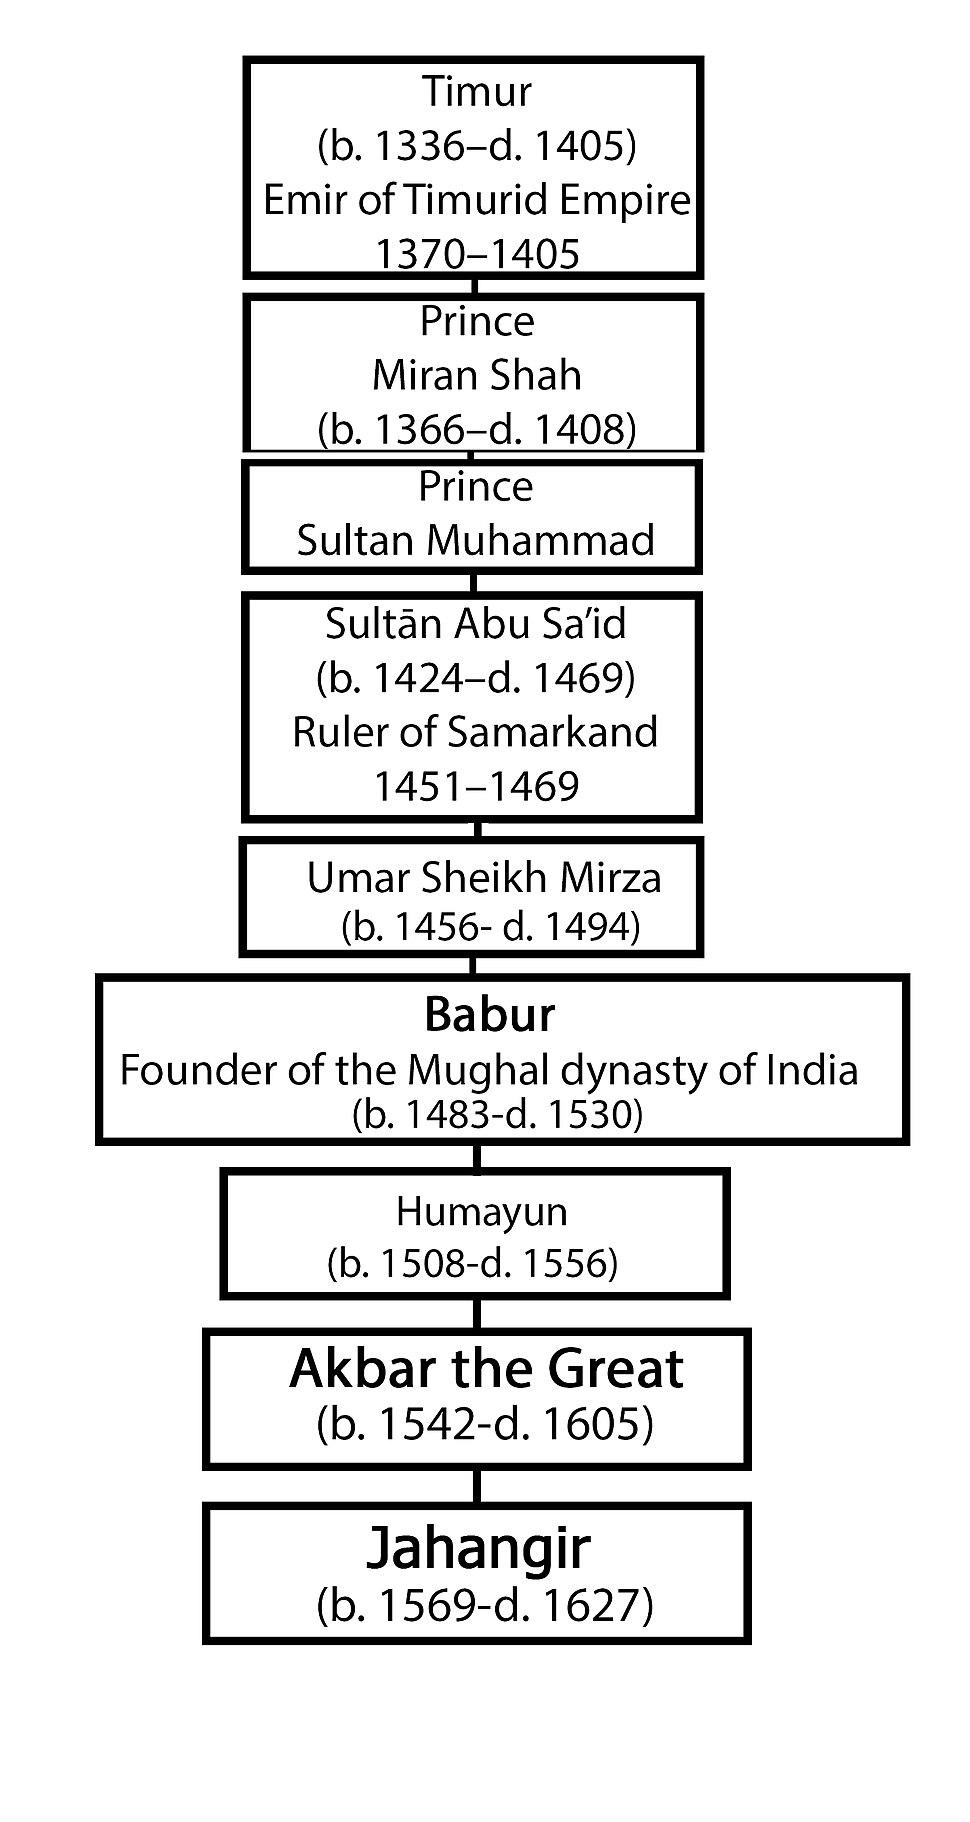 Jahangir's Genealogical Order